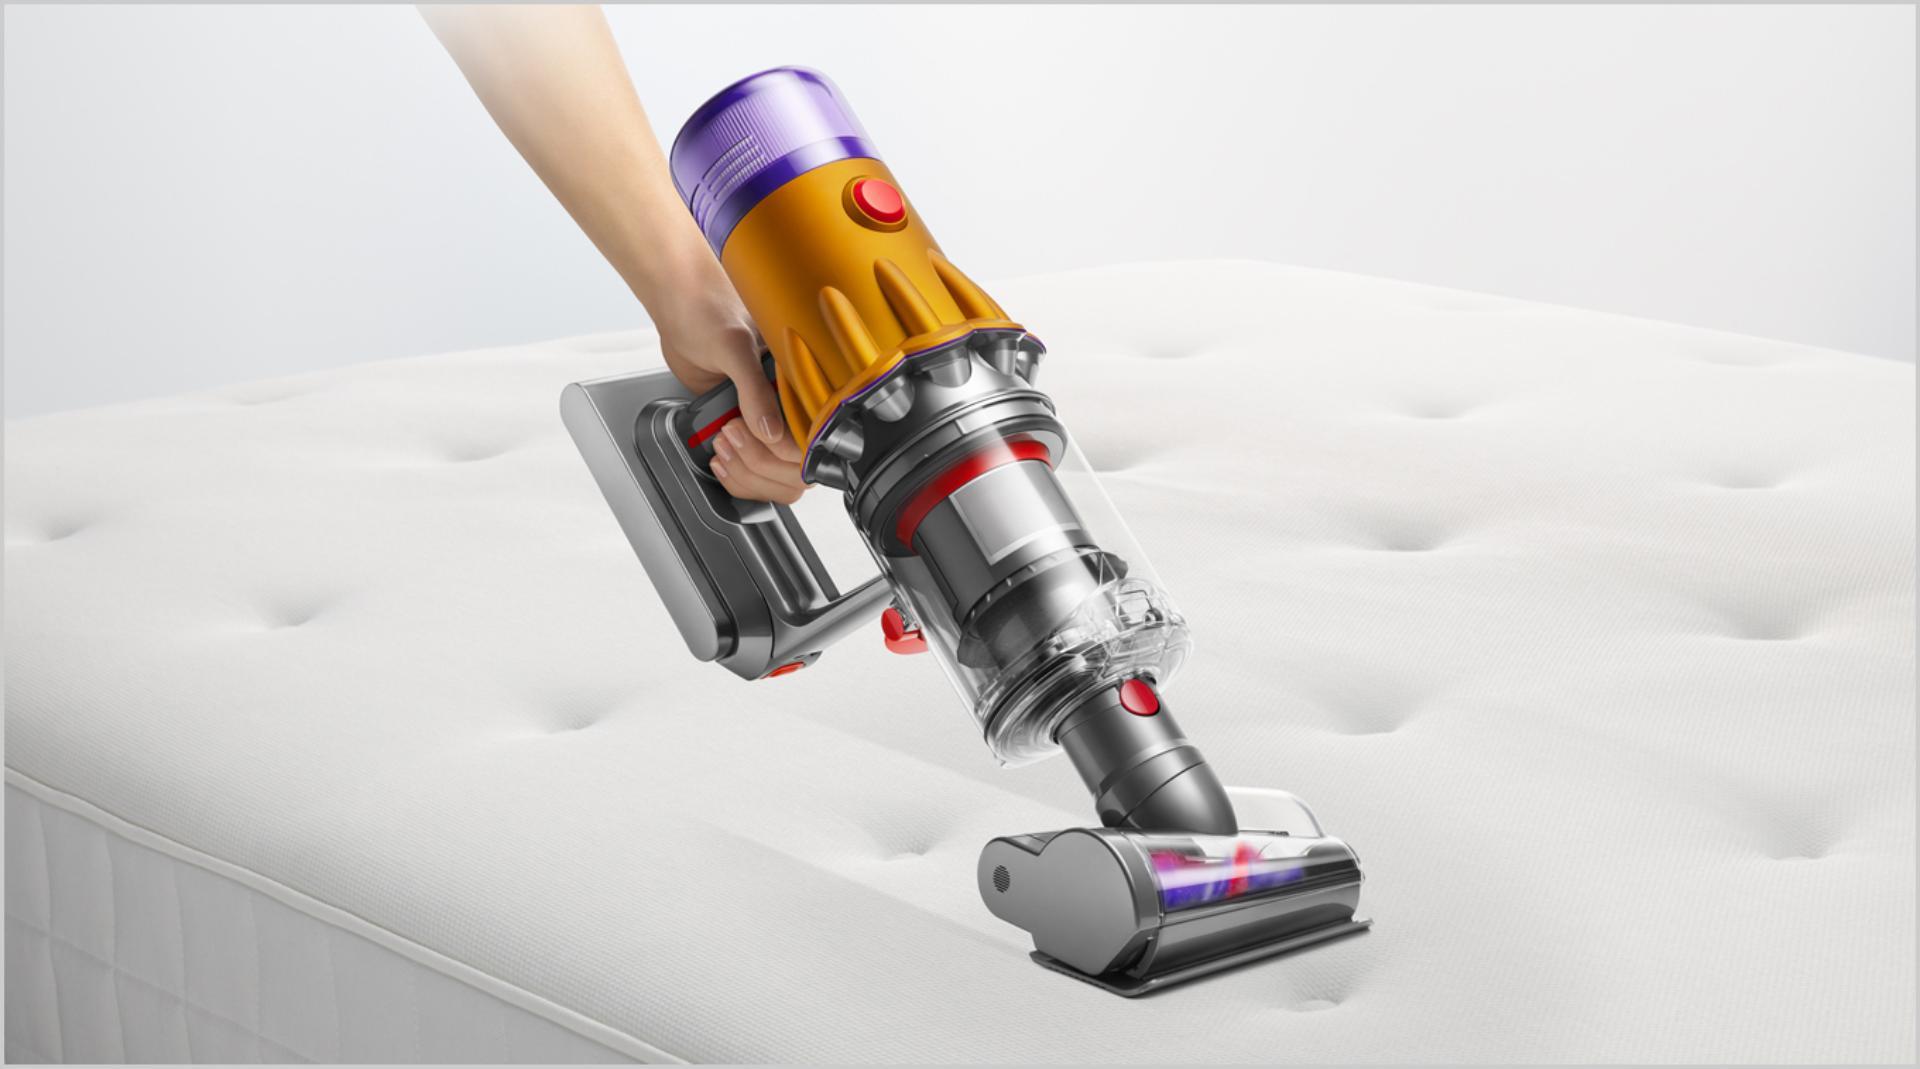 Công cụ hút tóc đang làm sạch đệm